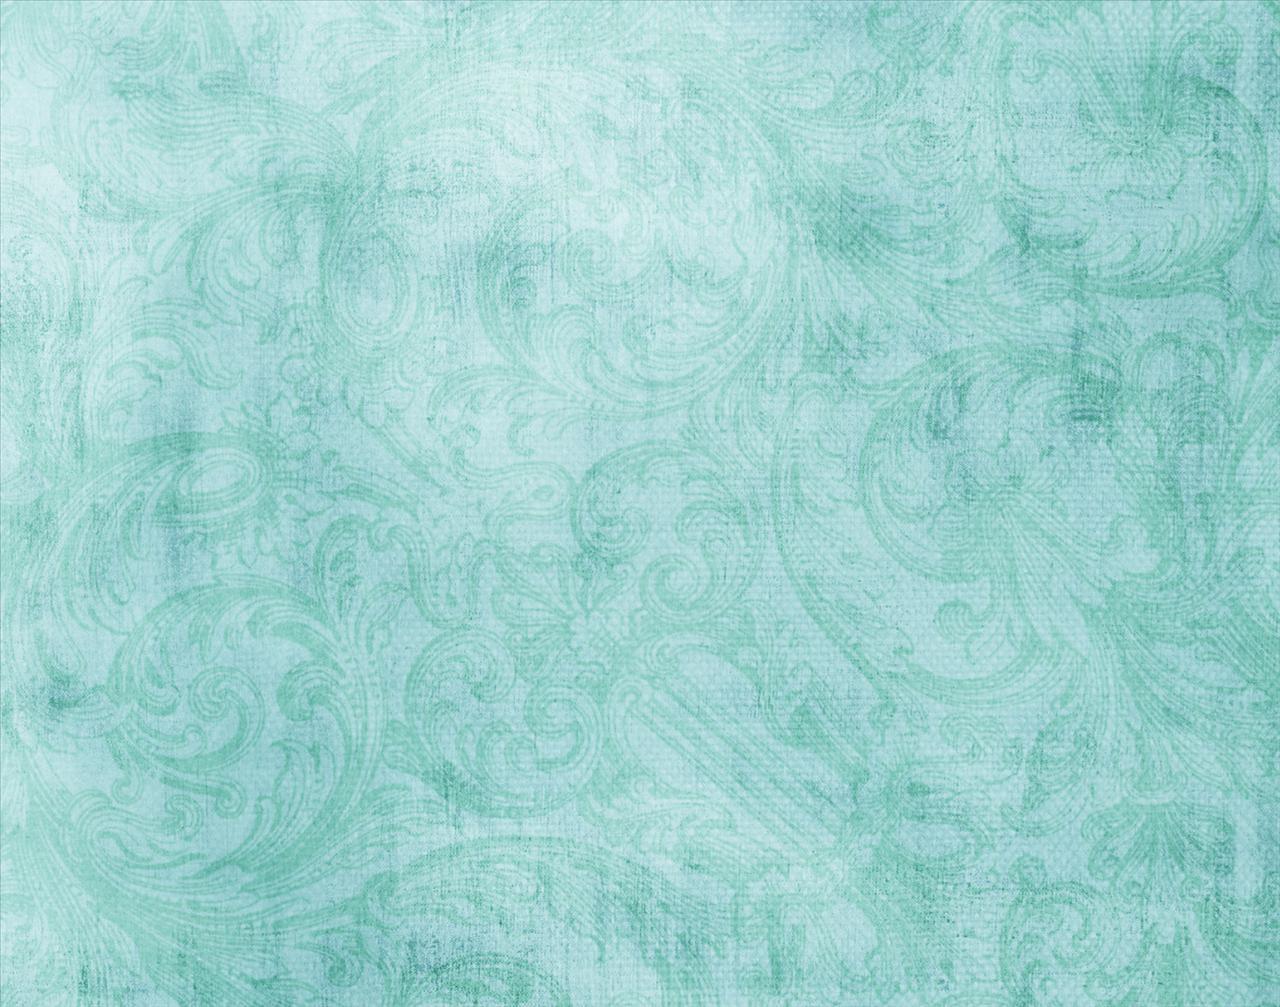 mia name wallpaper turqoise - photo #24